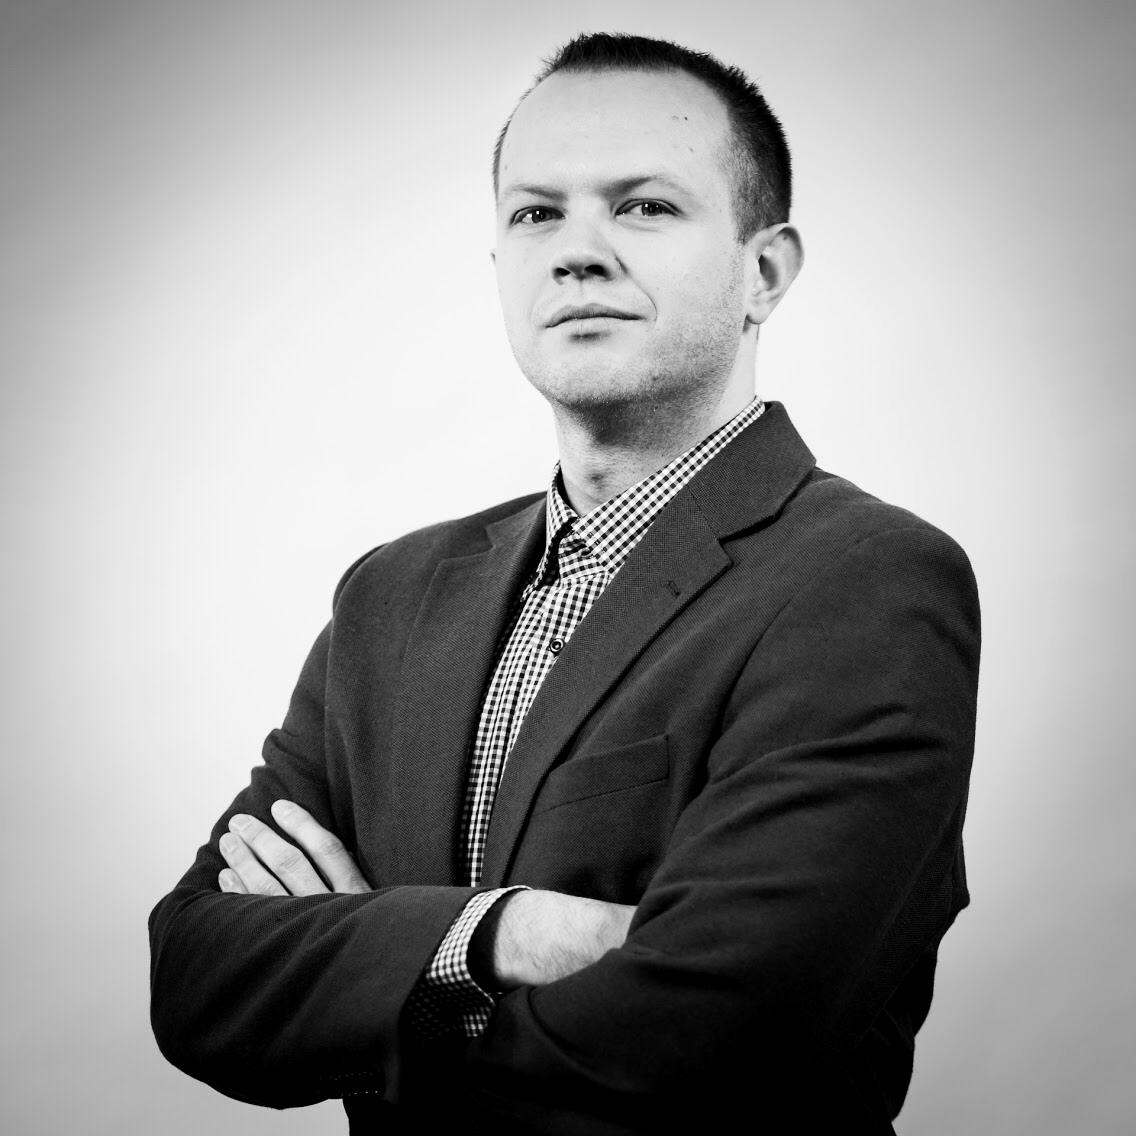 Tomasz Janczar